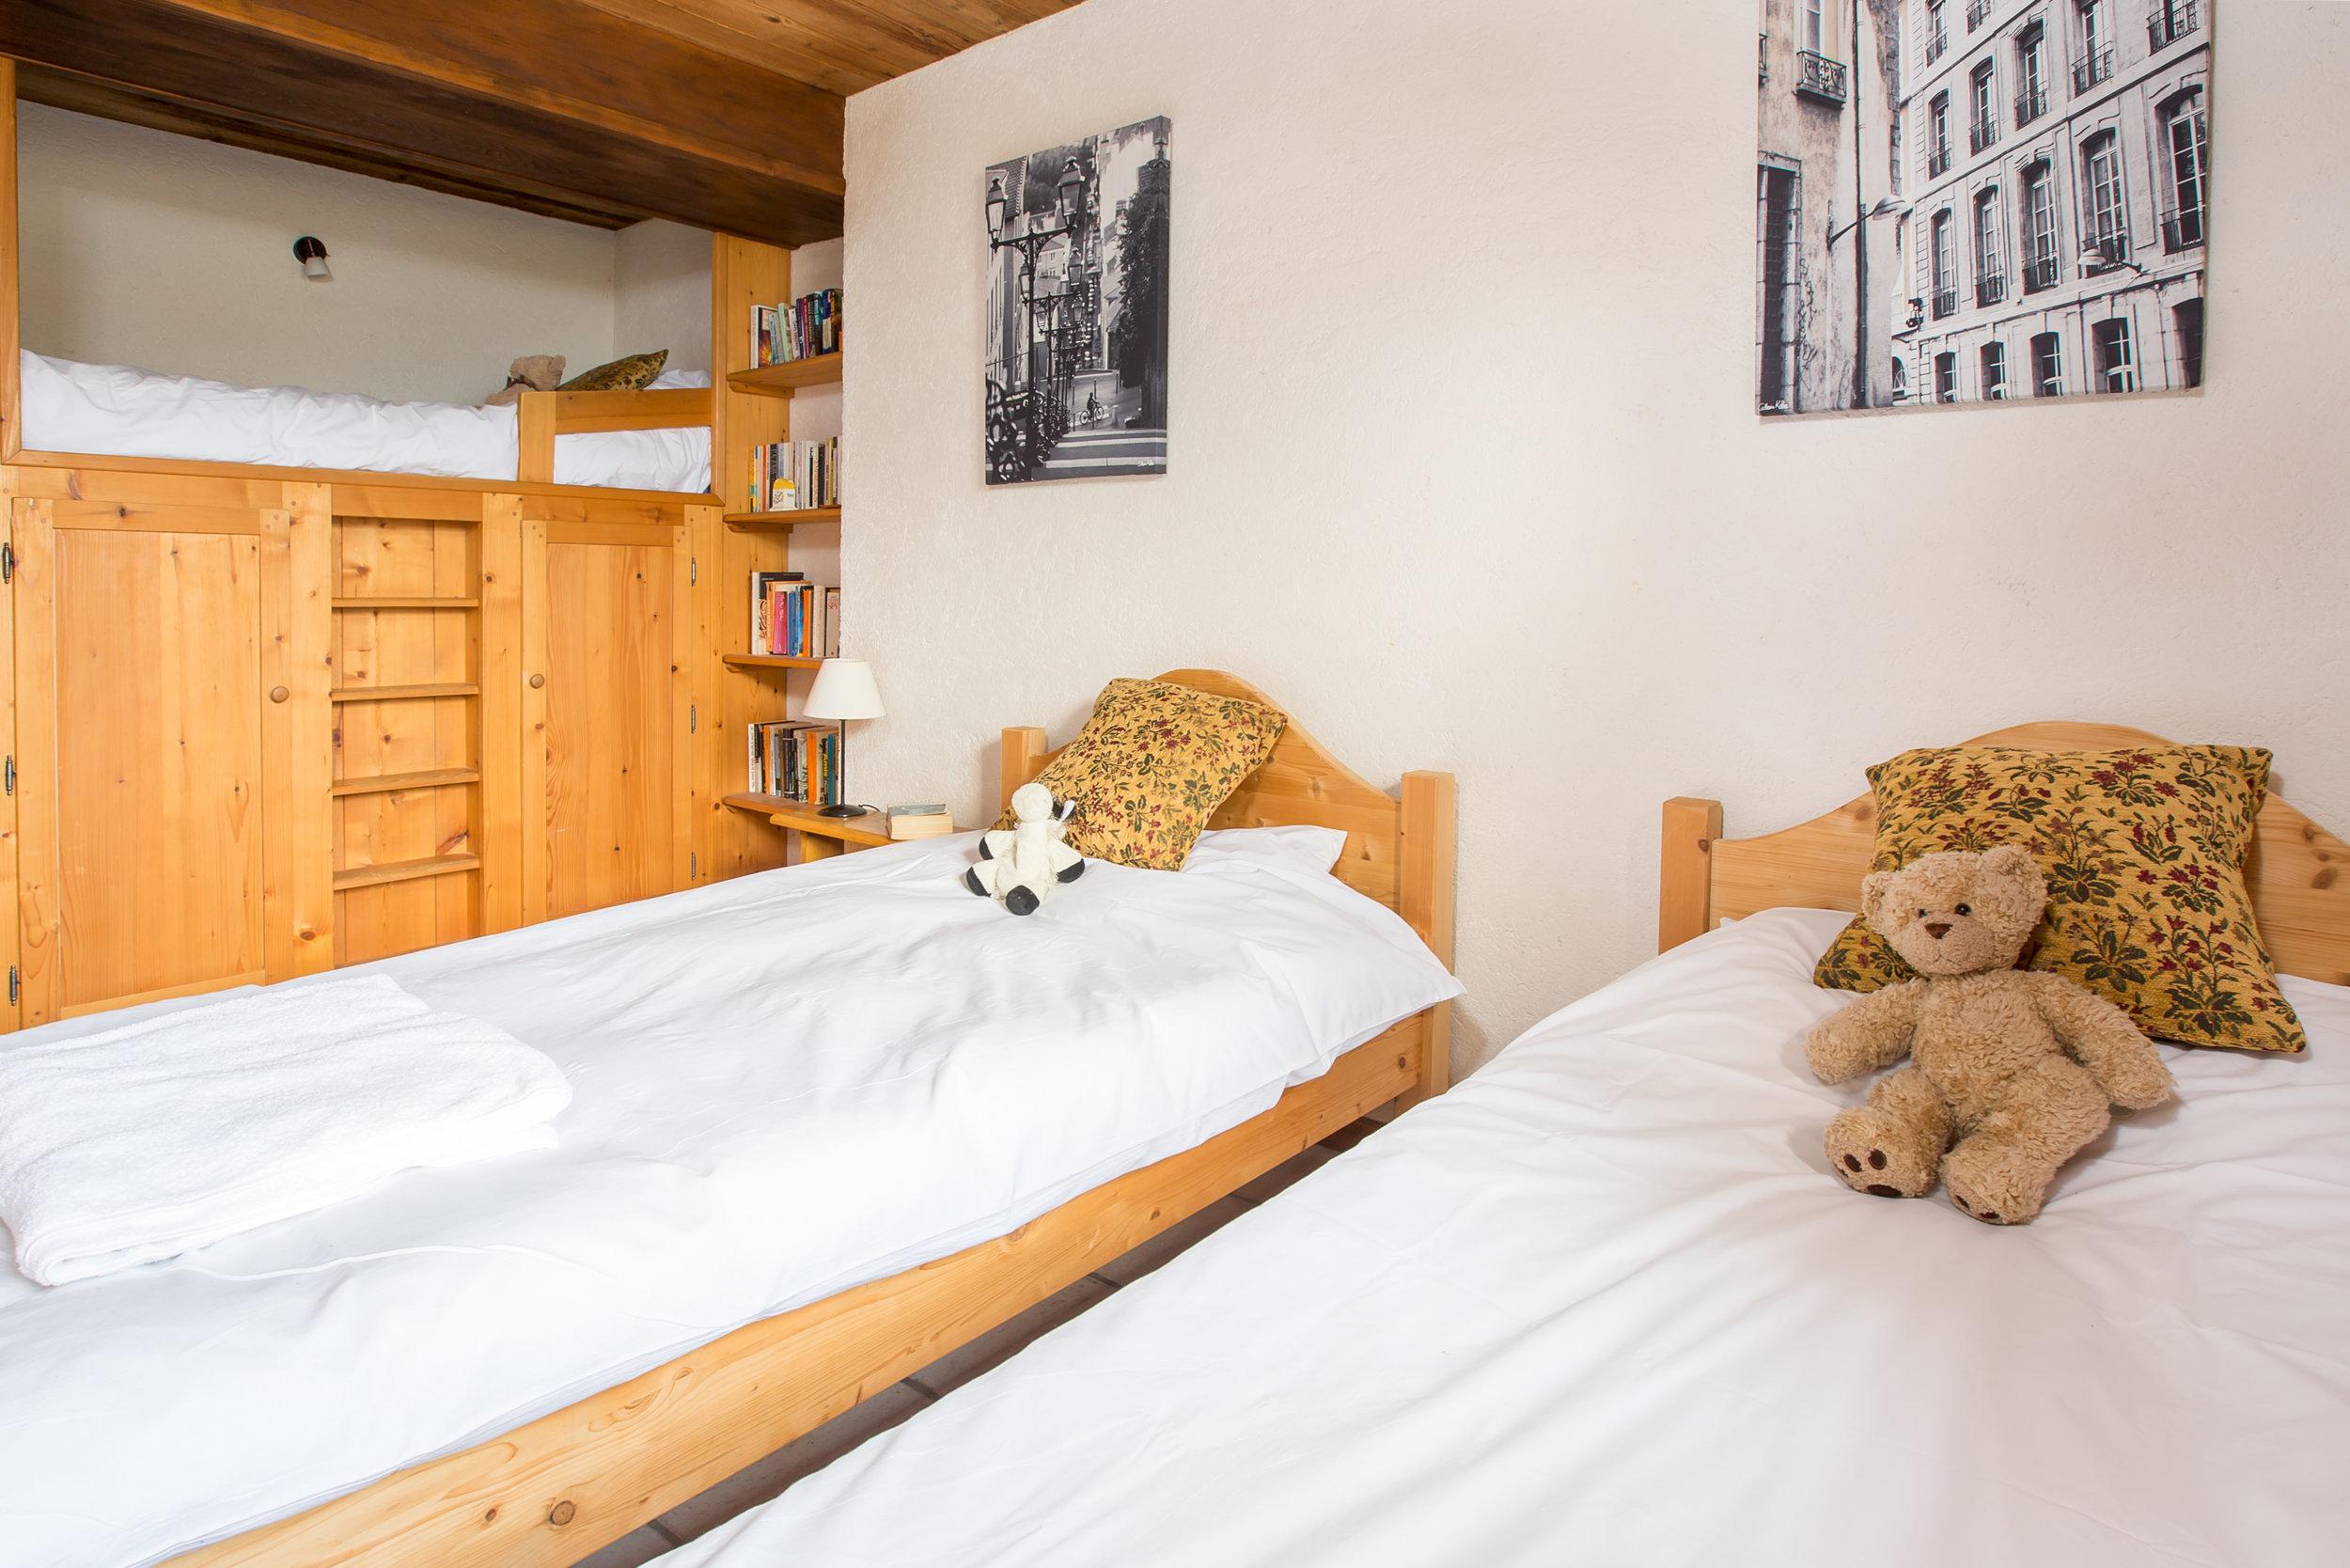 Bedrooms-6.jpg